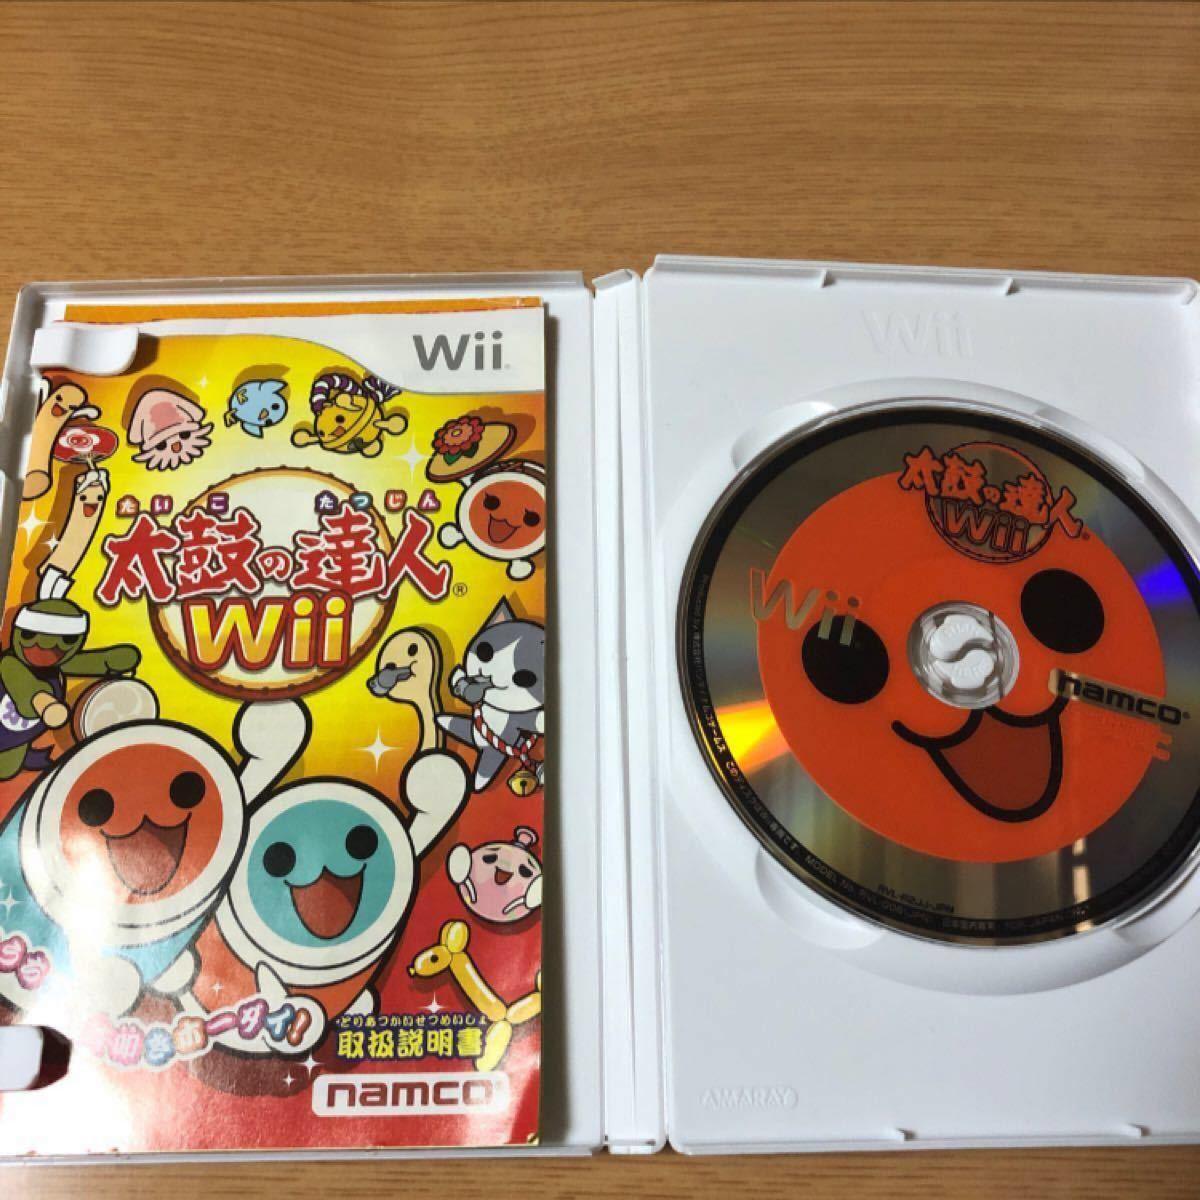 太鼓の達人Wiiと太鼓の達人Wii超ごうか版